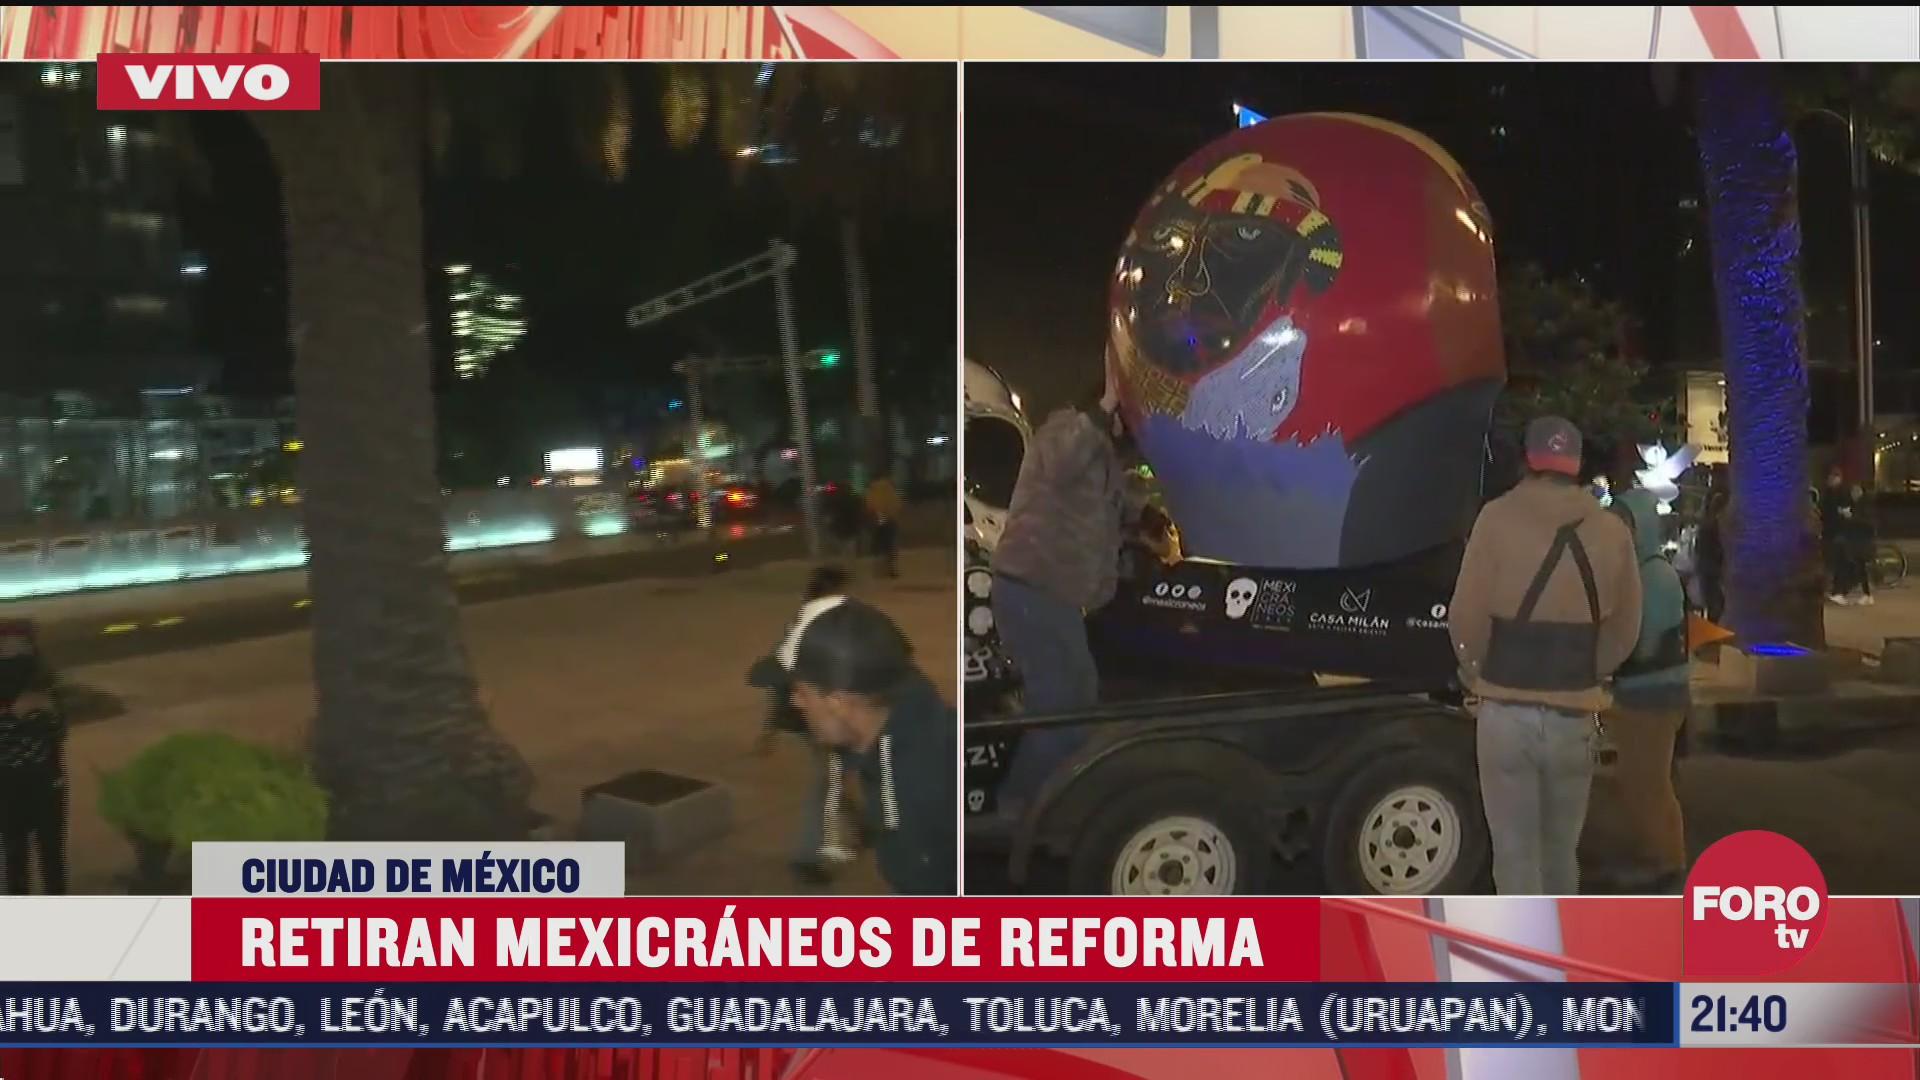 retiran mexicraneos de reforma